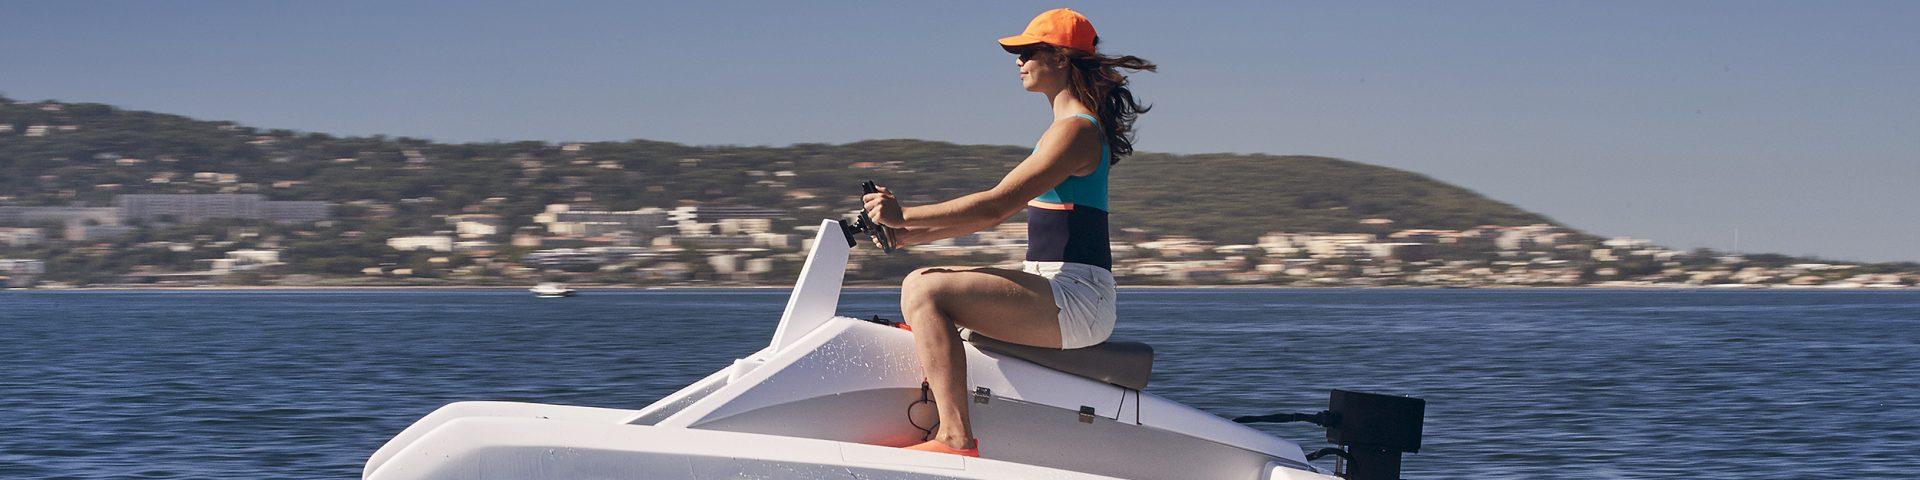 catamaran électrique à foil overboat en navigation avec fille